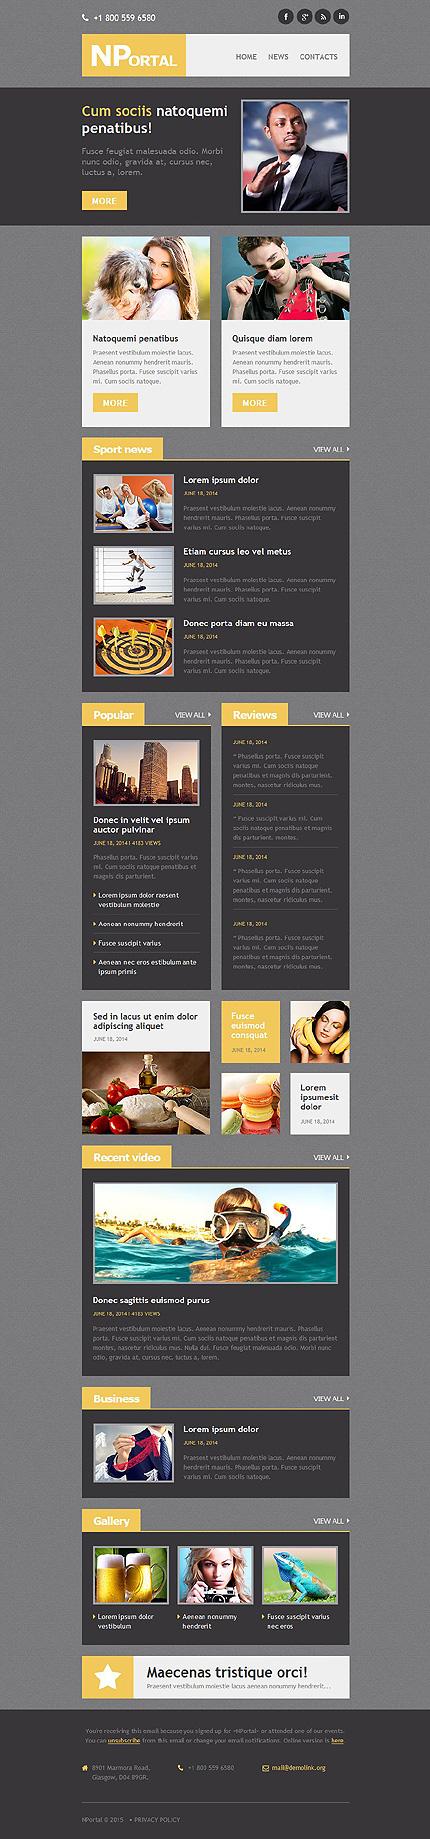 Template 52812 - News Portal Responsive Newsletter Template ...